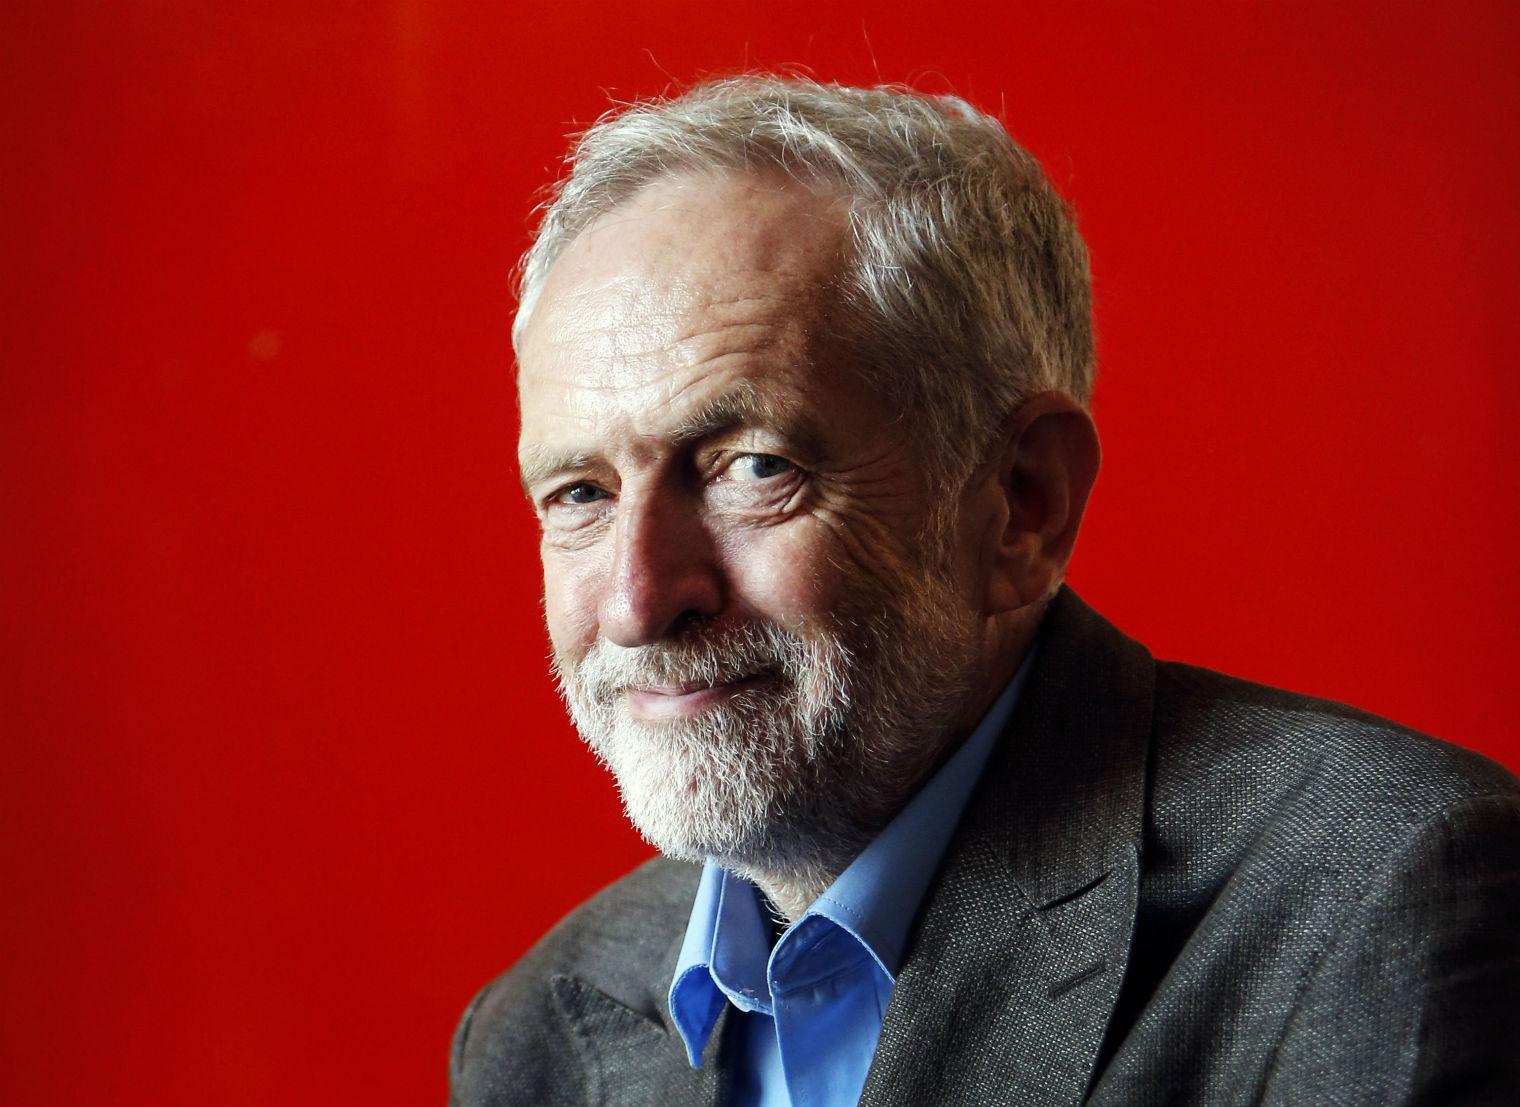 jeremy corbyn - photo #15